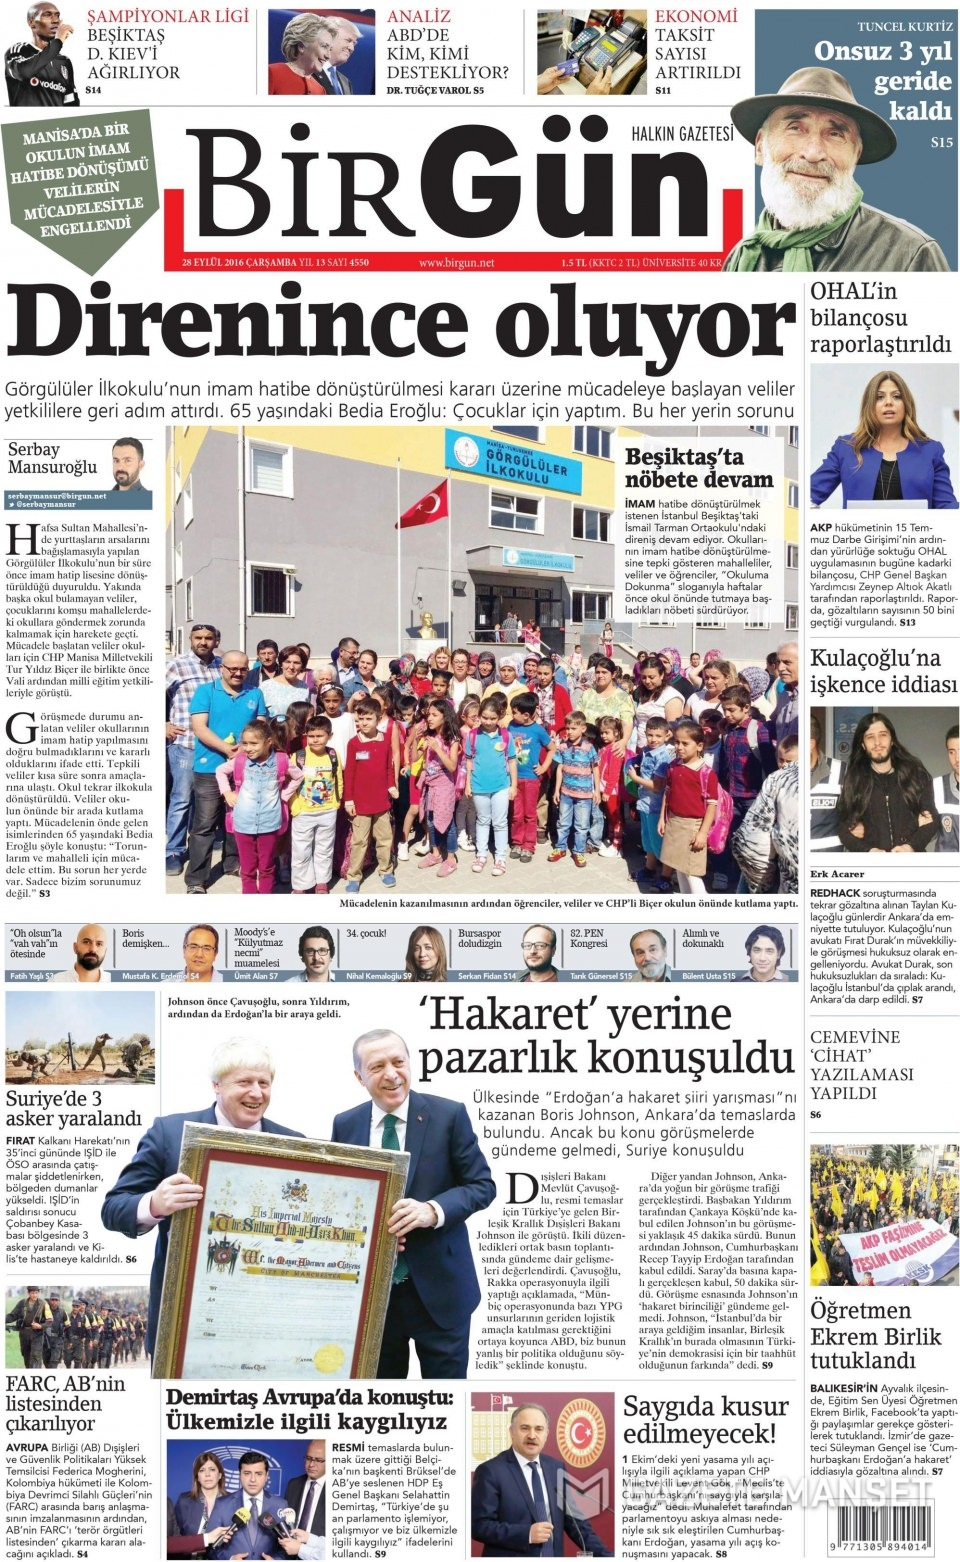 28 Eylül Çarşamba gazete manşetleri 15